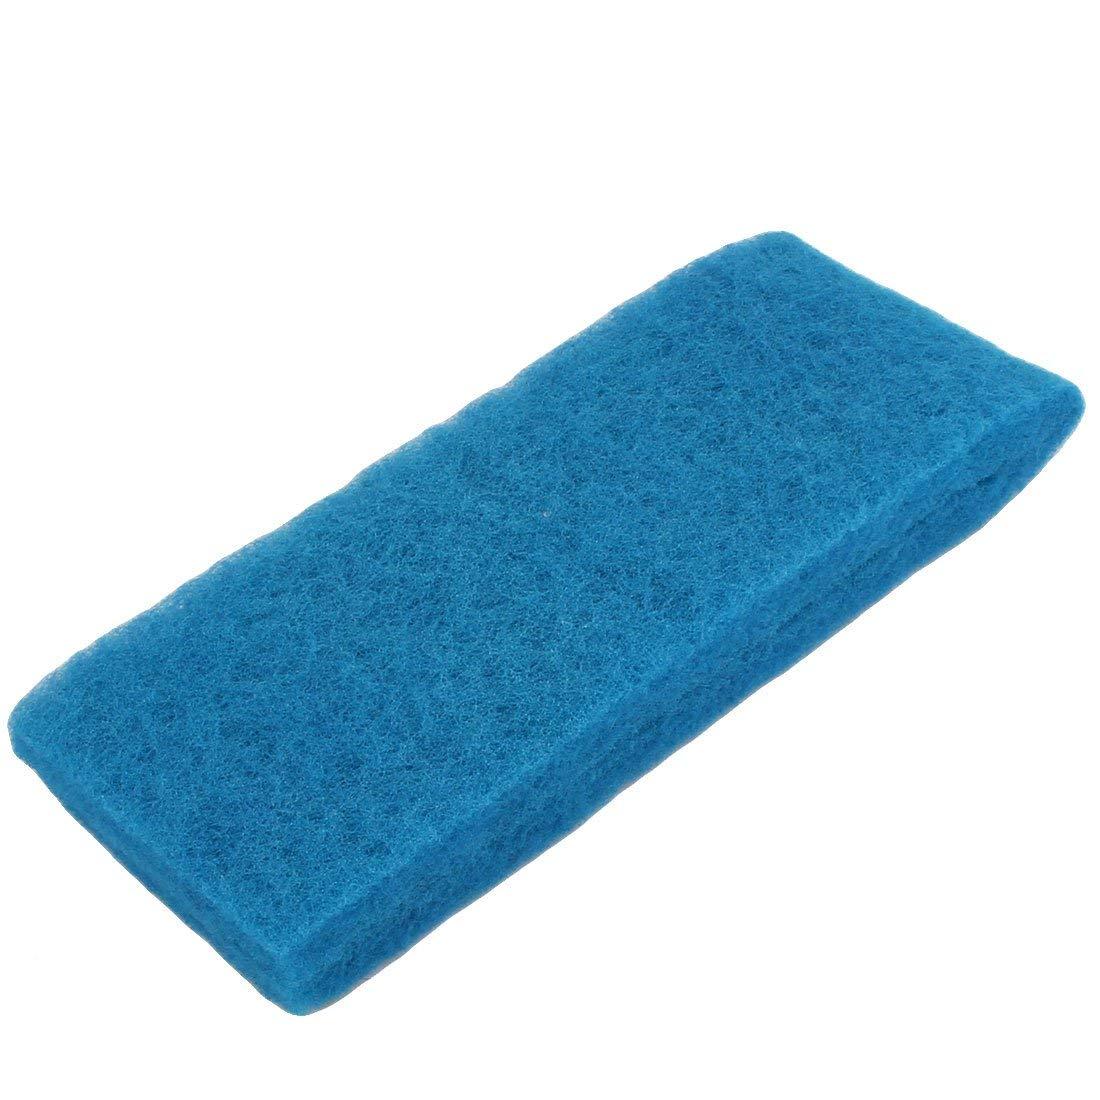 Aquarium Fish Tank Square Shape Reusable Biochemical Filter Sponge 2 Pcs bluee